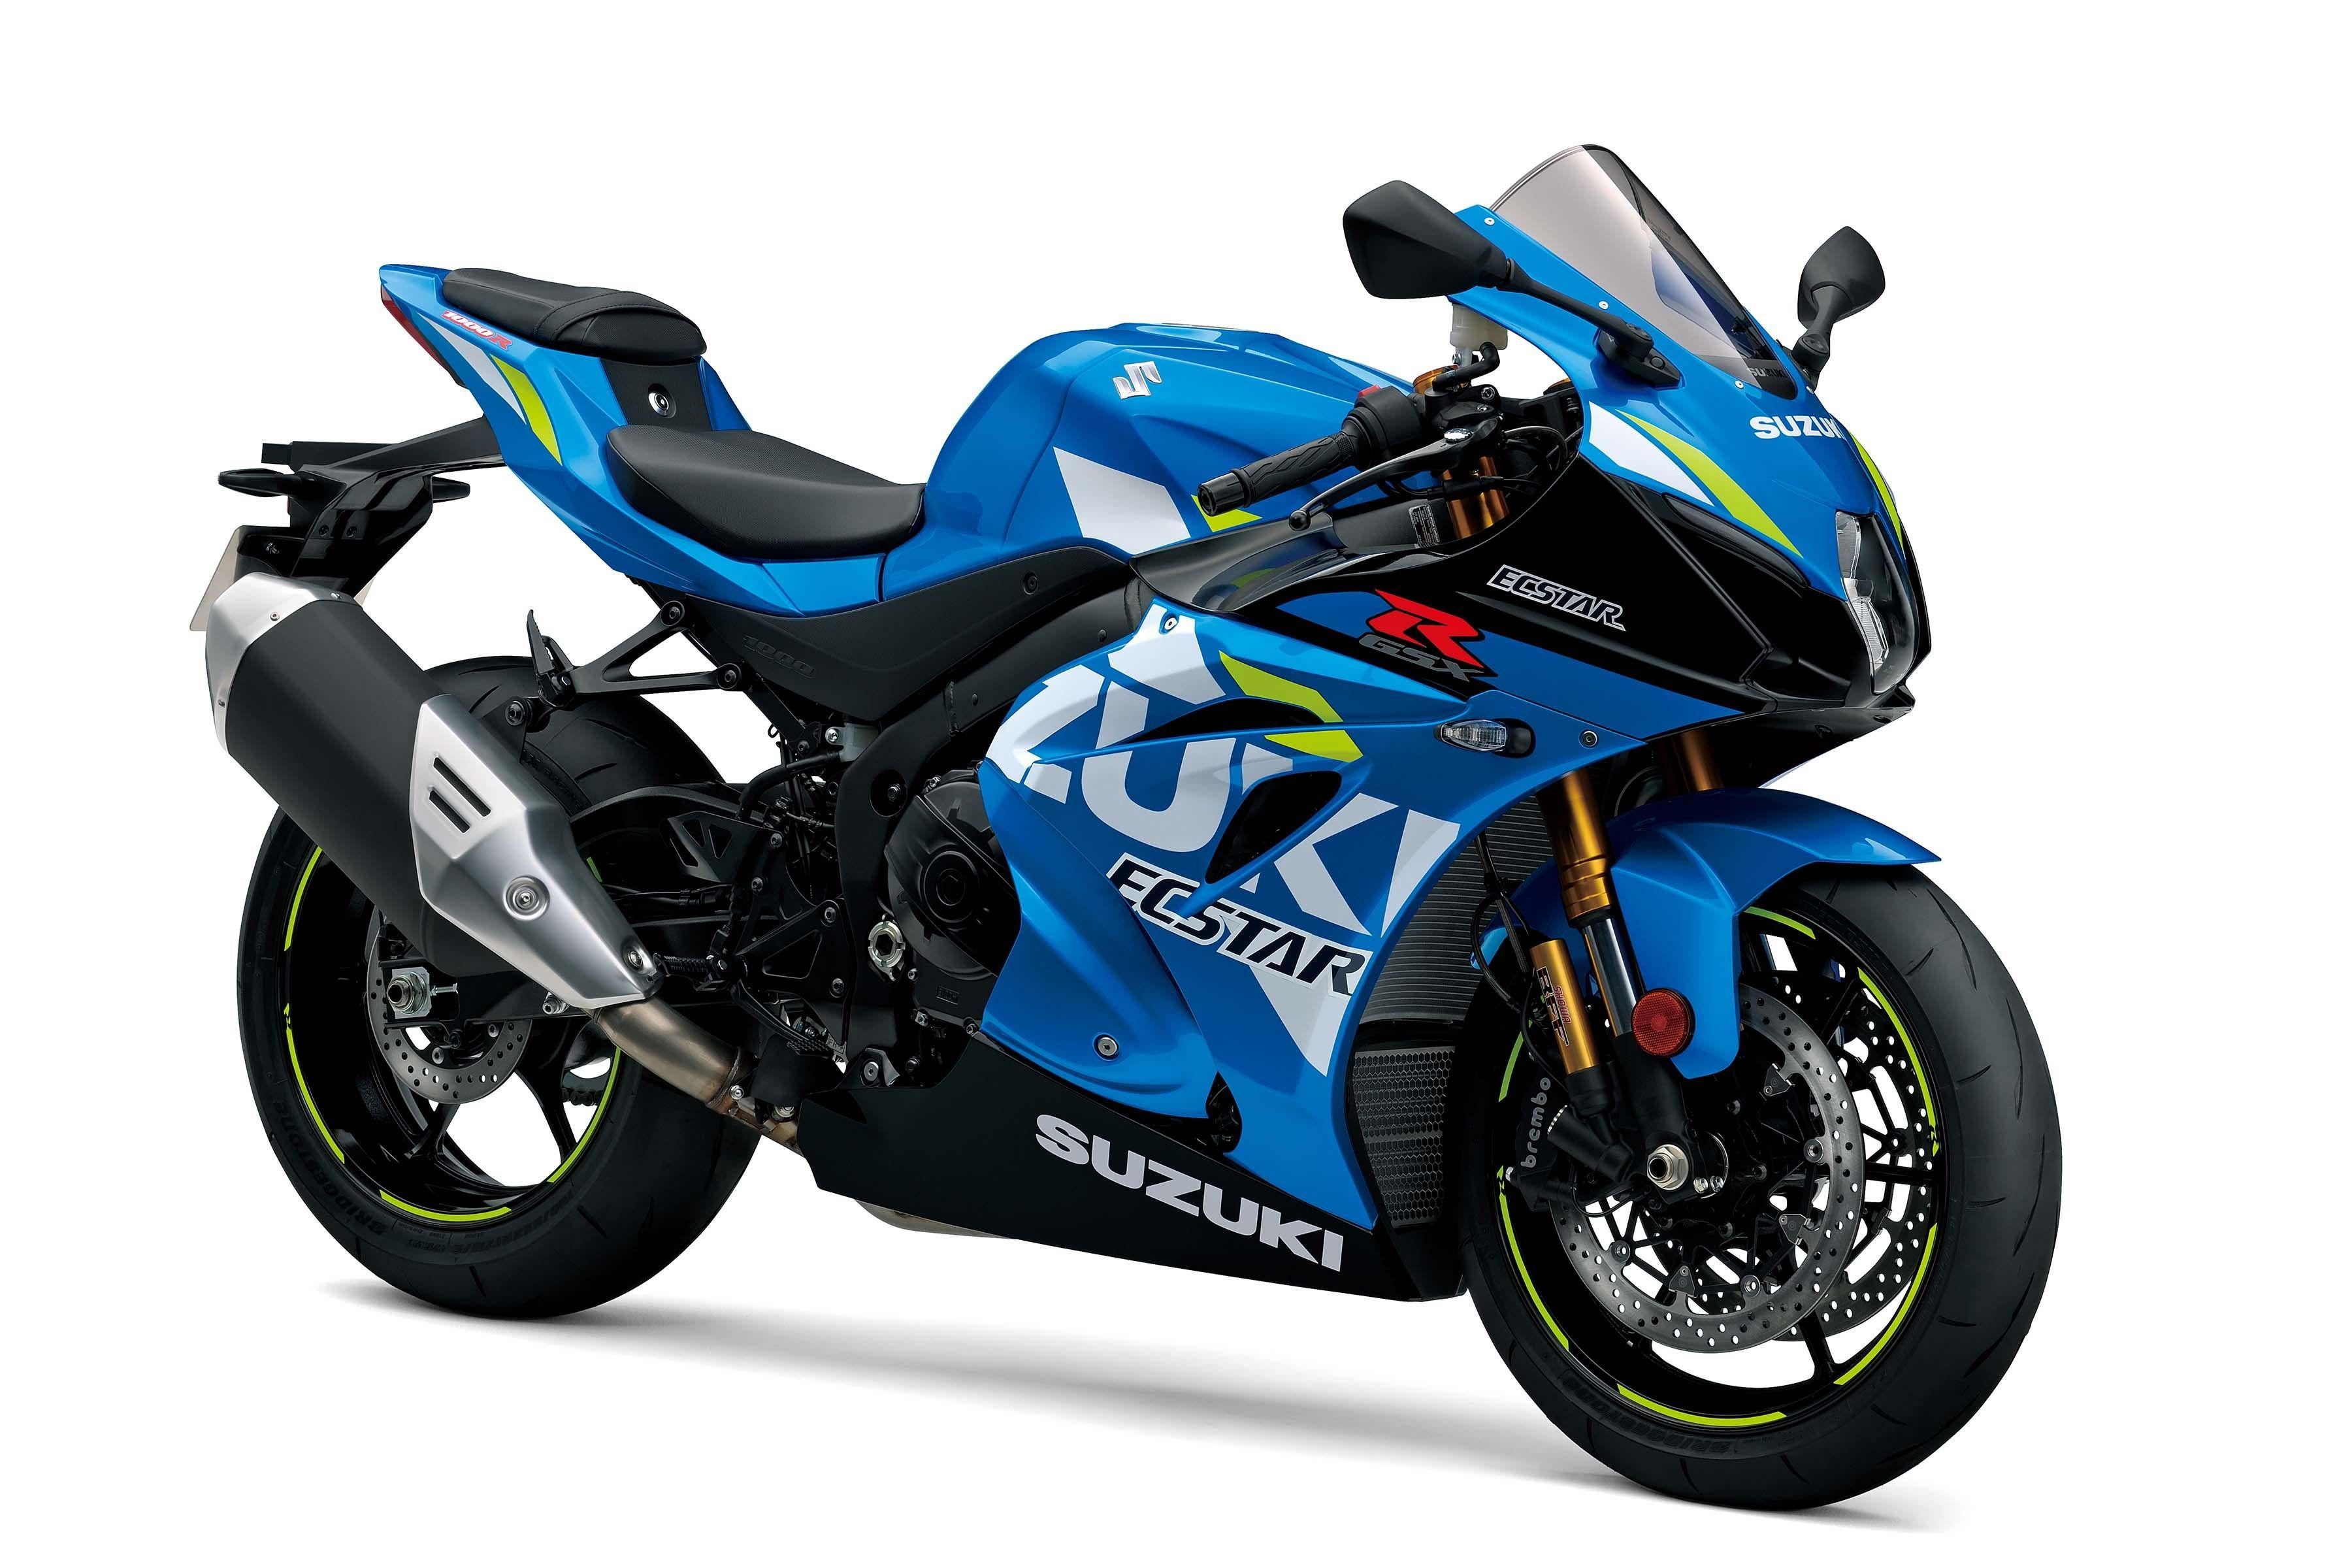 Smart Updates Come The 2019 Suzuki Gsx R1000 Superbike Suzuki